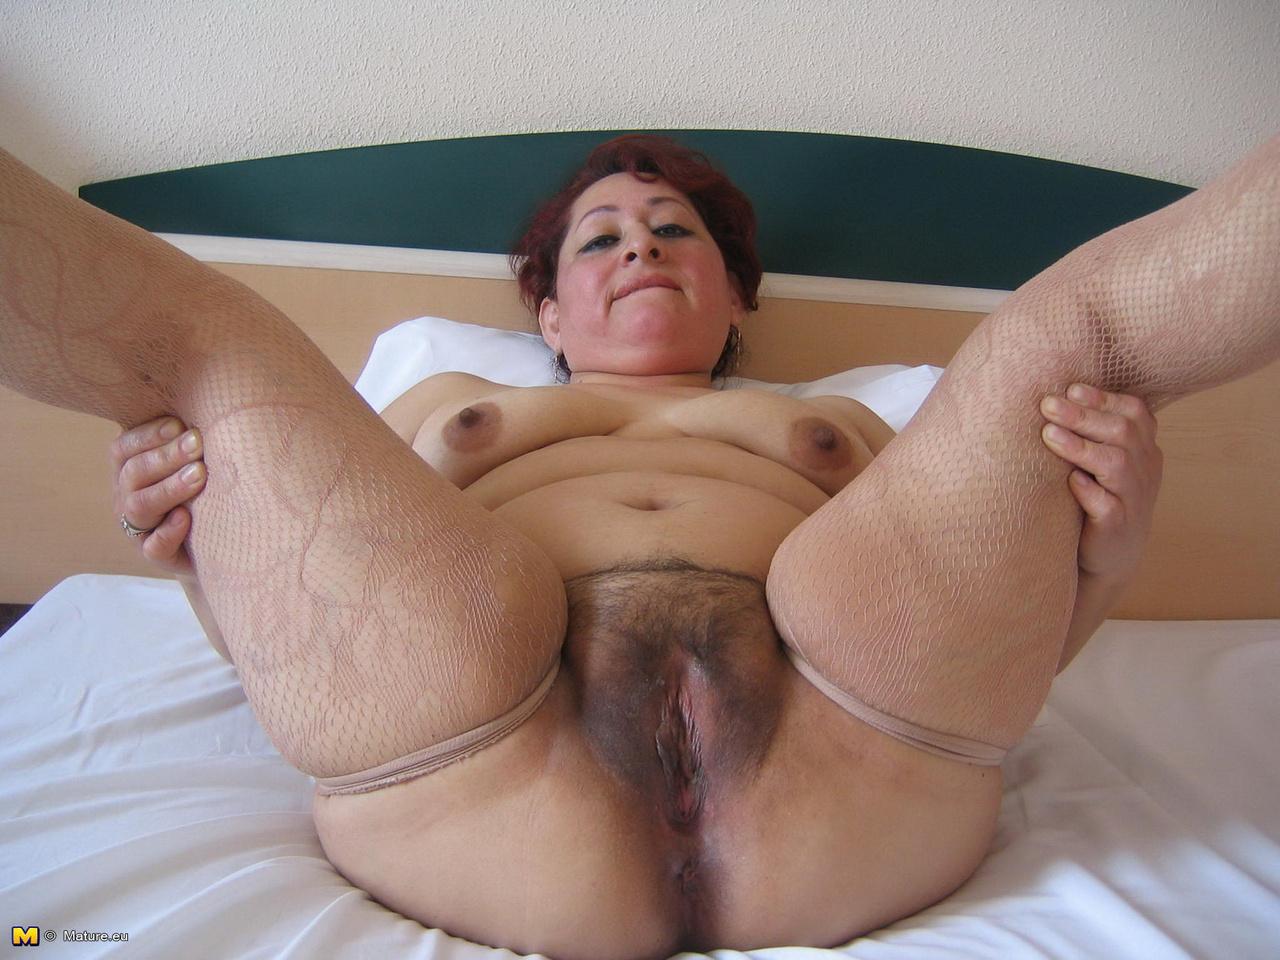 Фото пожилих дaм, Голые зрелые женщины частные секс фото 10 фотография